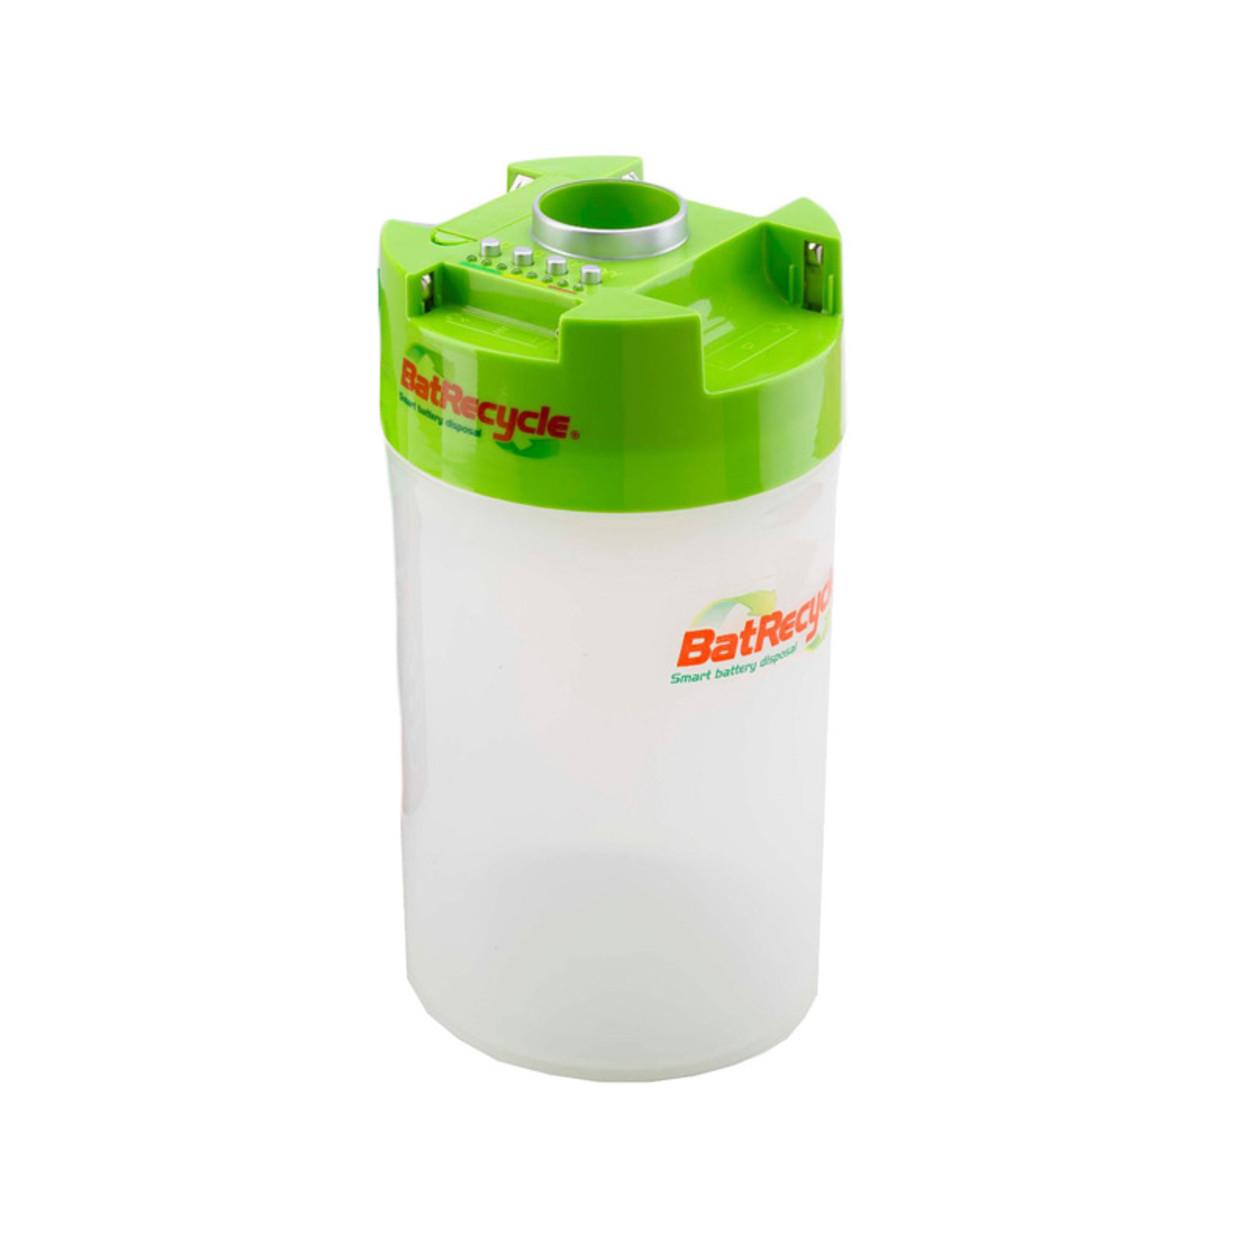 Plastový kôš na použité batérie, 1,85 l